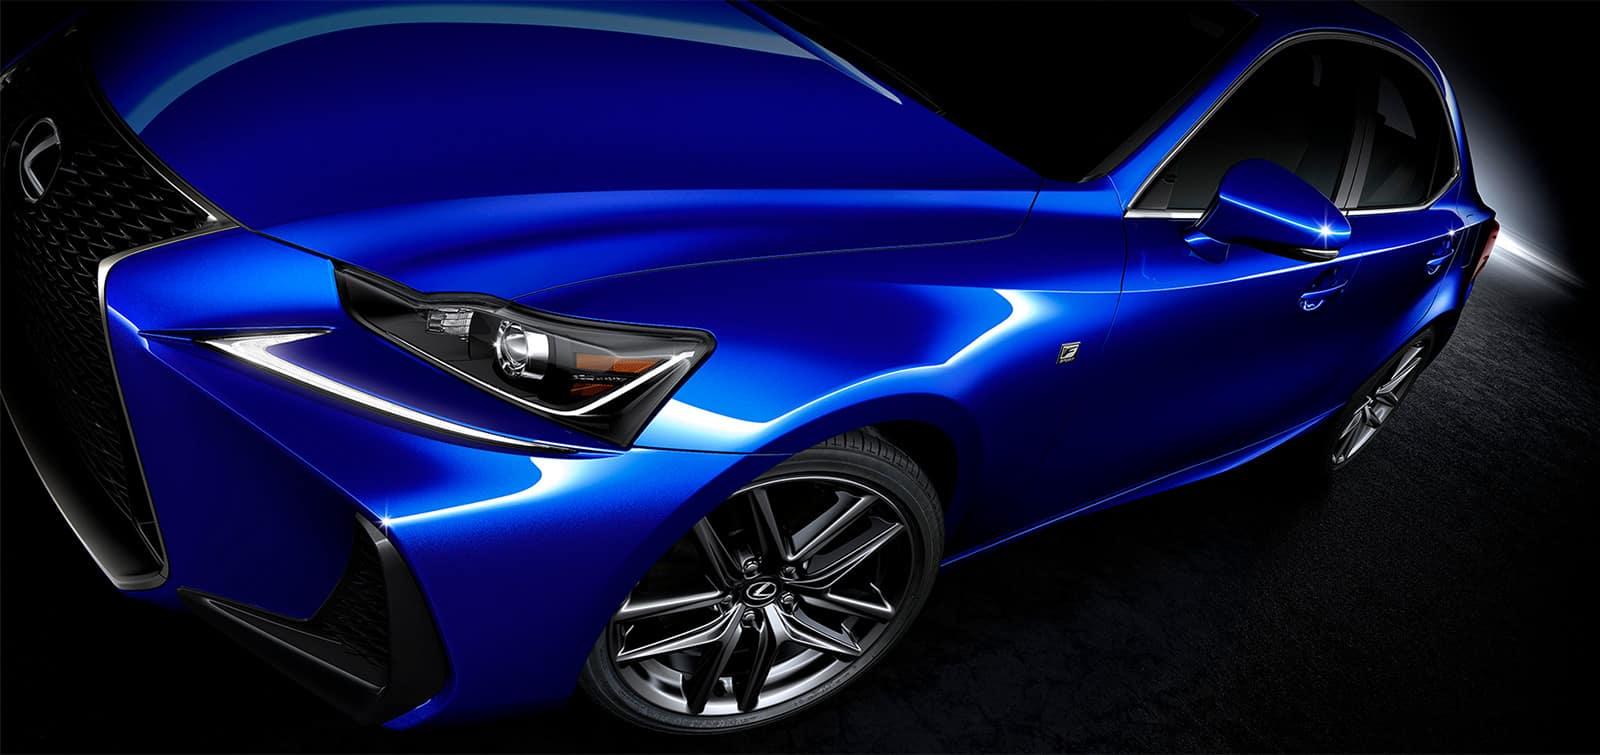 lexus-2018-is-300-f-sport-series-2-ultrasonic-blue-mica-2-0-l